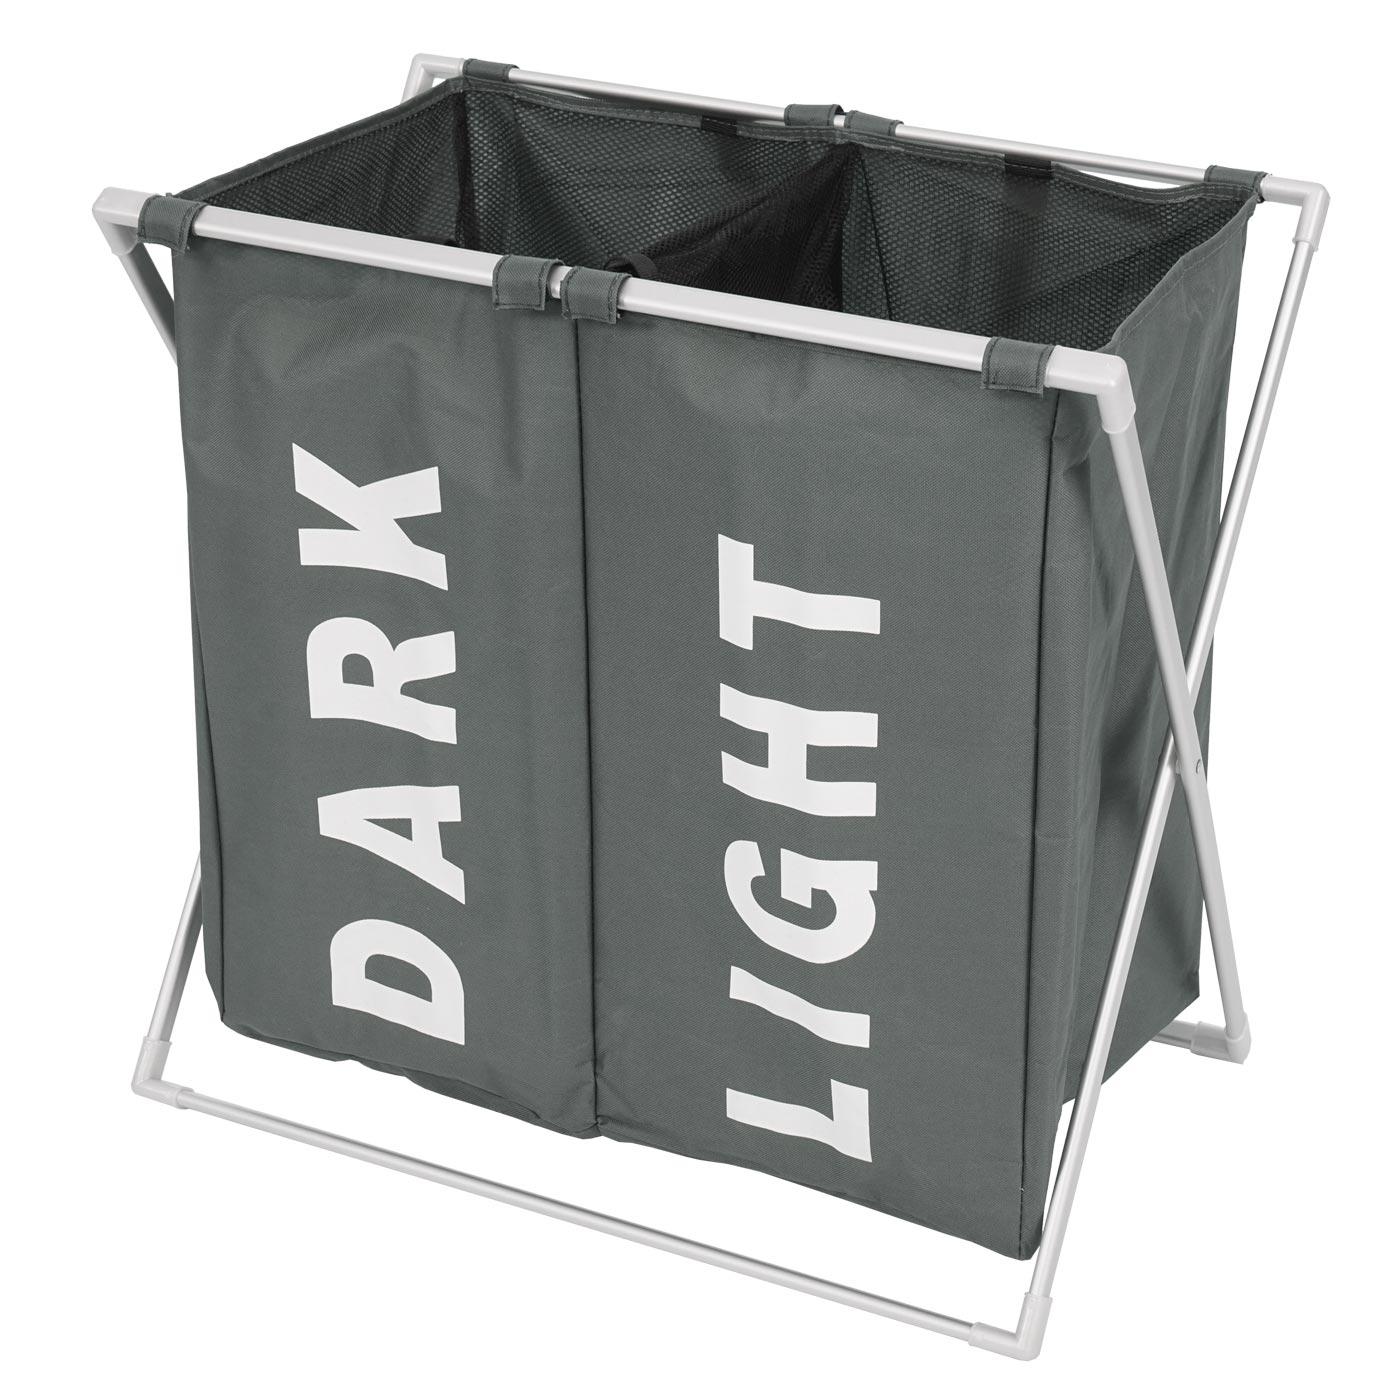 w schesammler hwc c36 laundry w schesortierer w schekorb. Black Bedroom Furniture Sets. Home Design Ideas